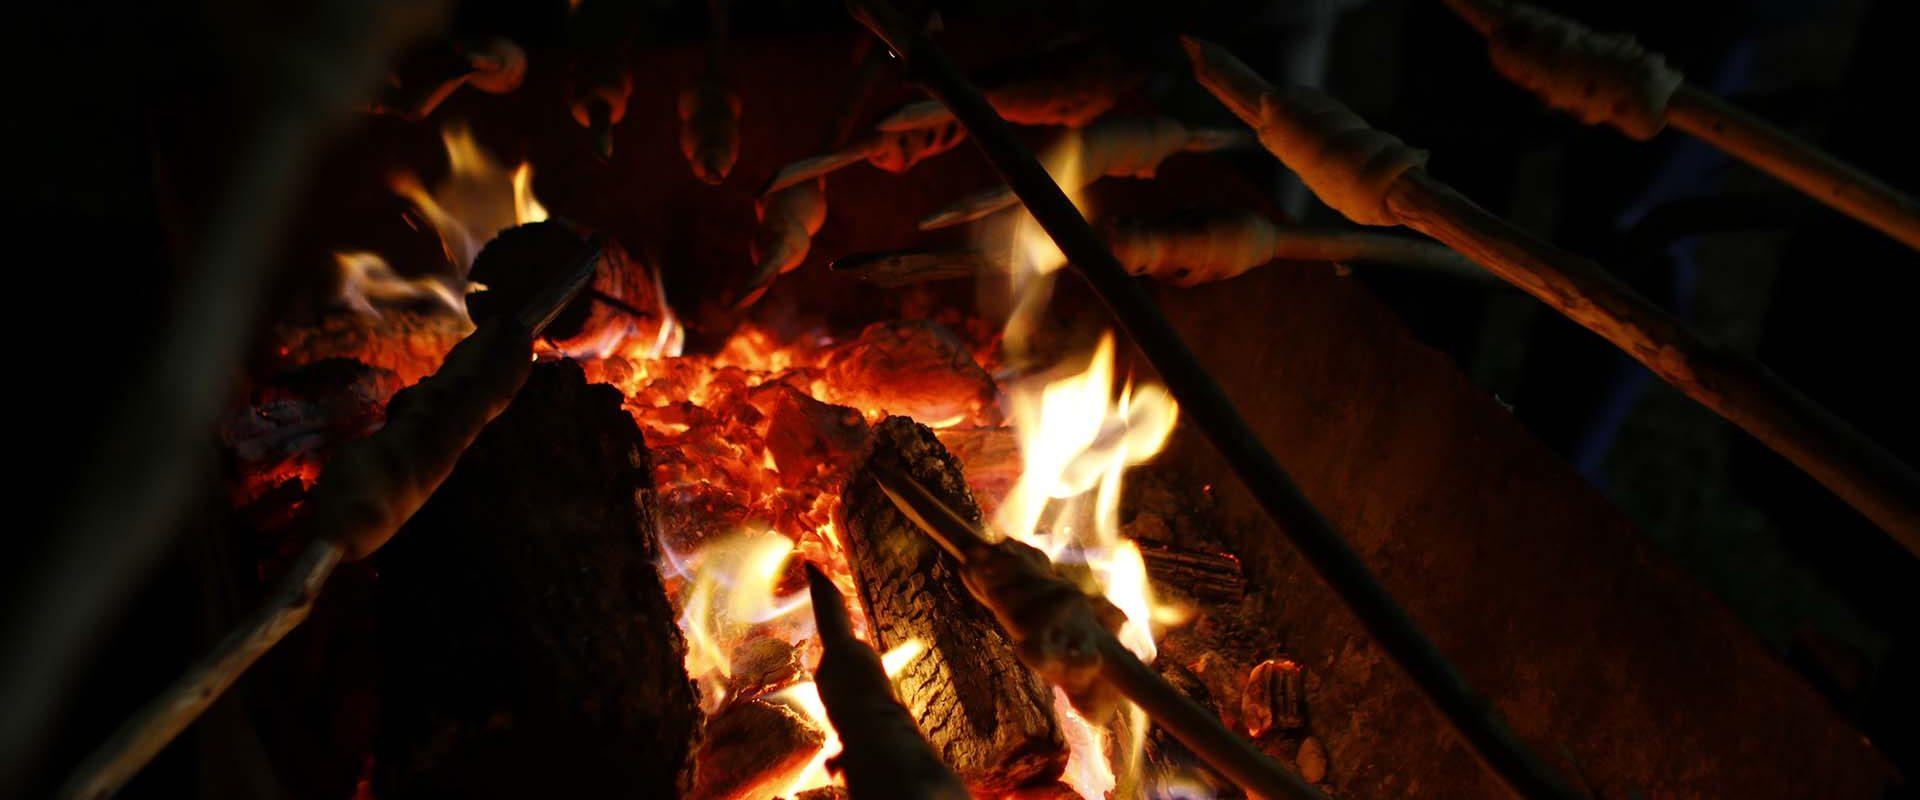 cena_di_natale_tenuta_di_paganico-12